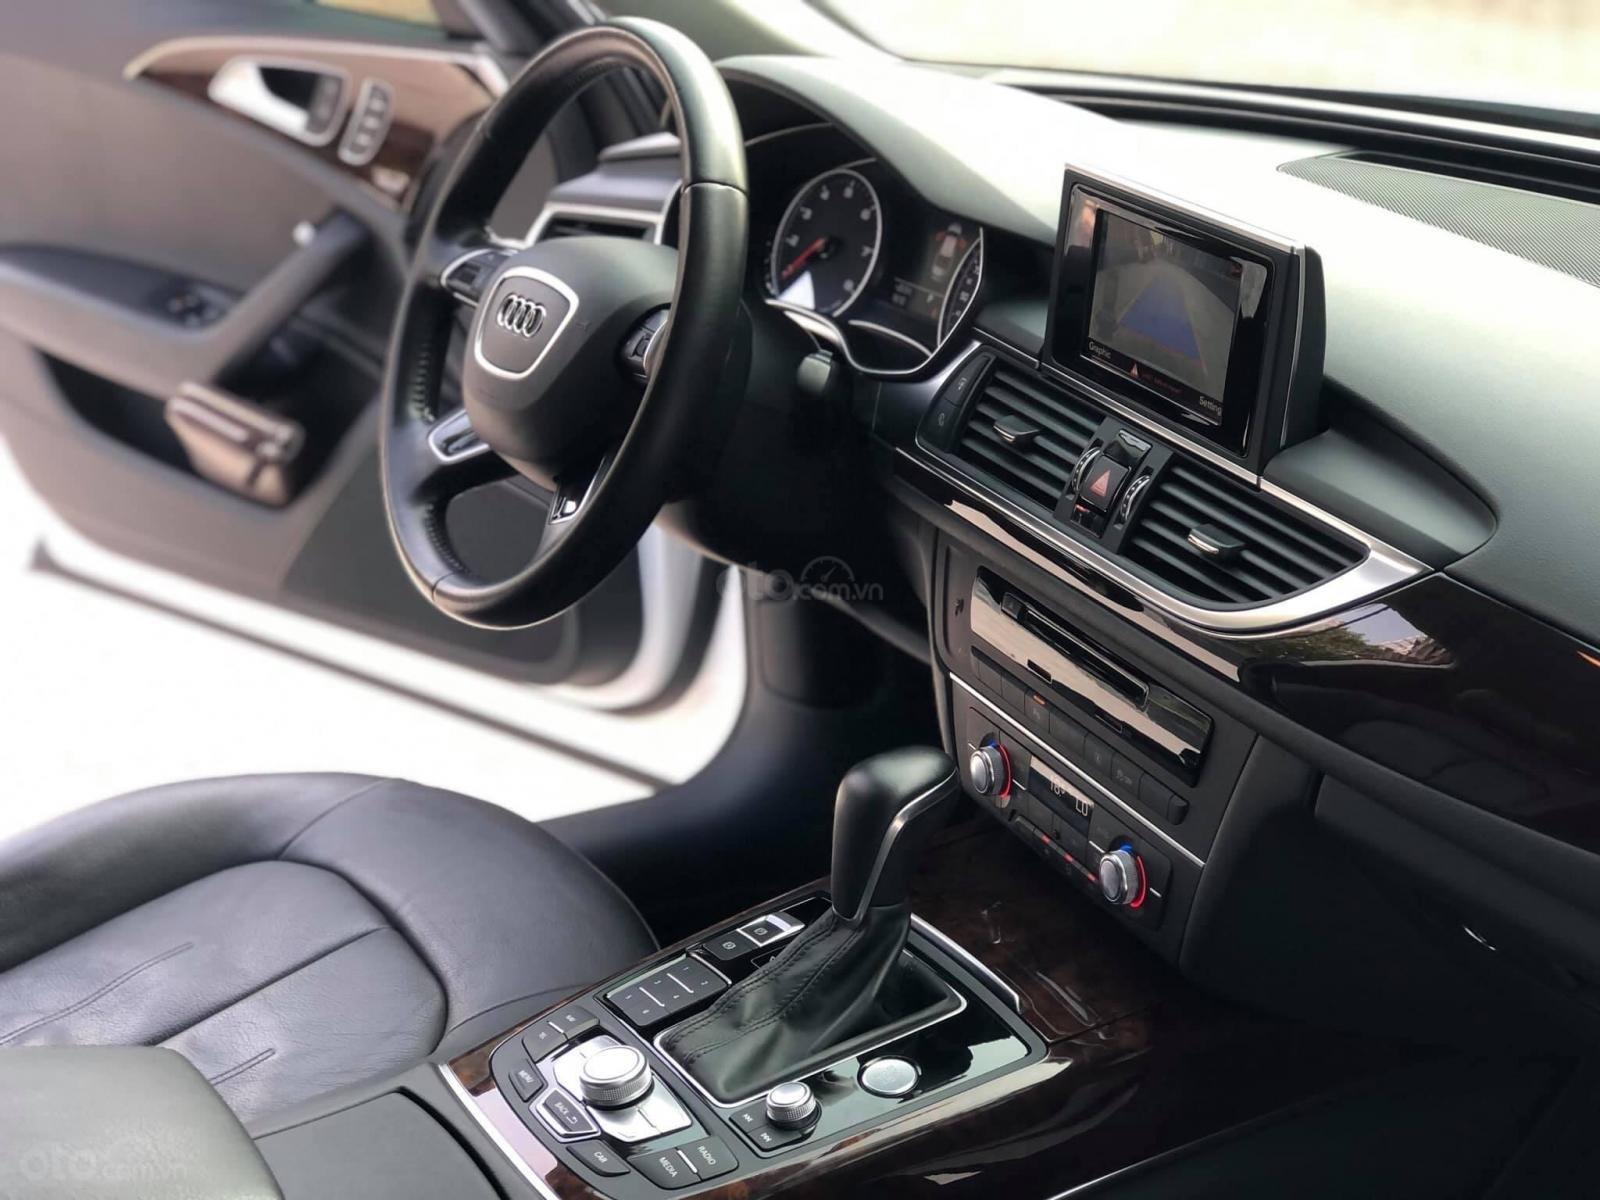 Cần bán lại xe Audi A6 sx 2016 đk 2017, màu trắng nội thất đen (8)